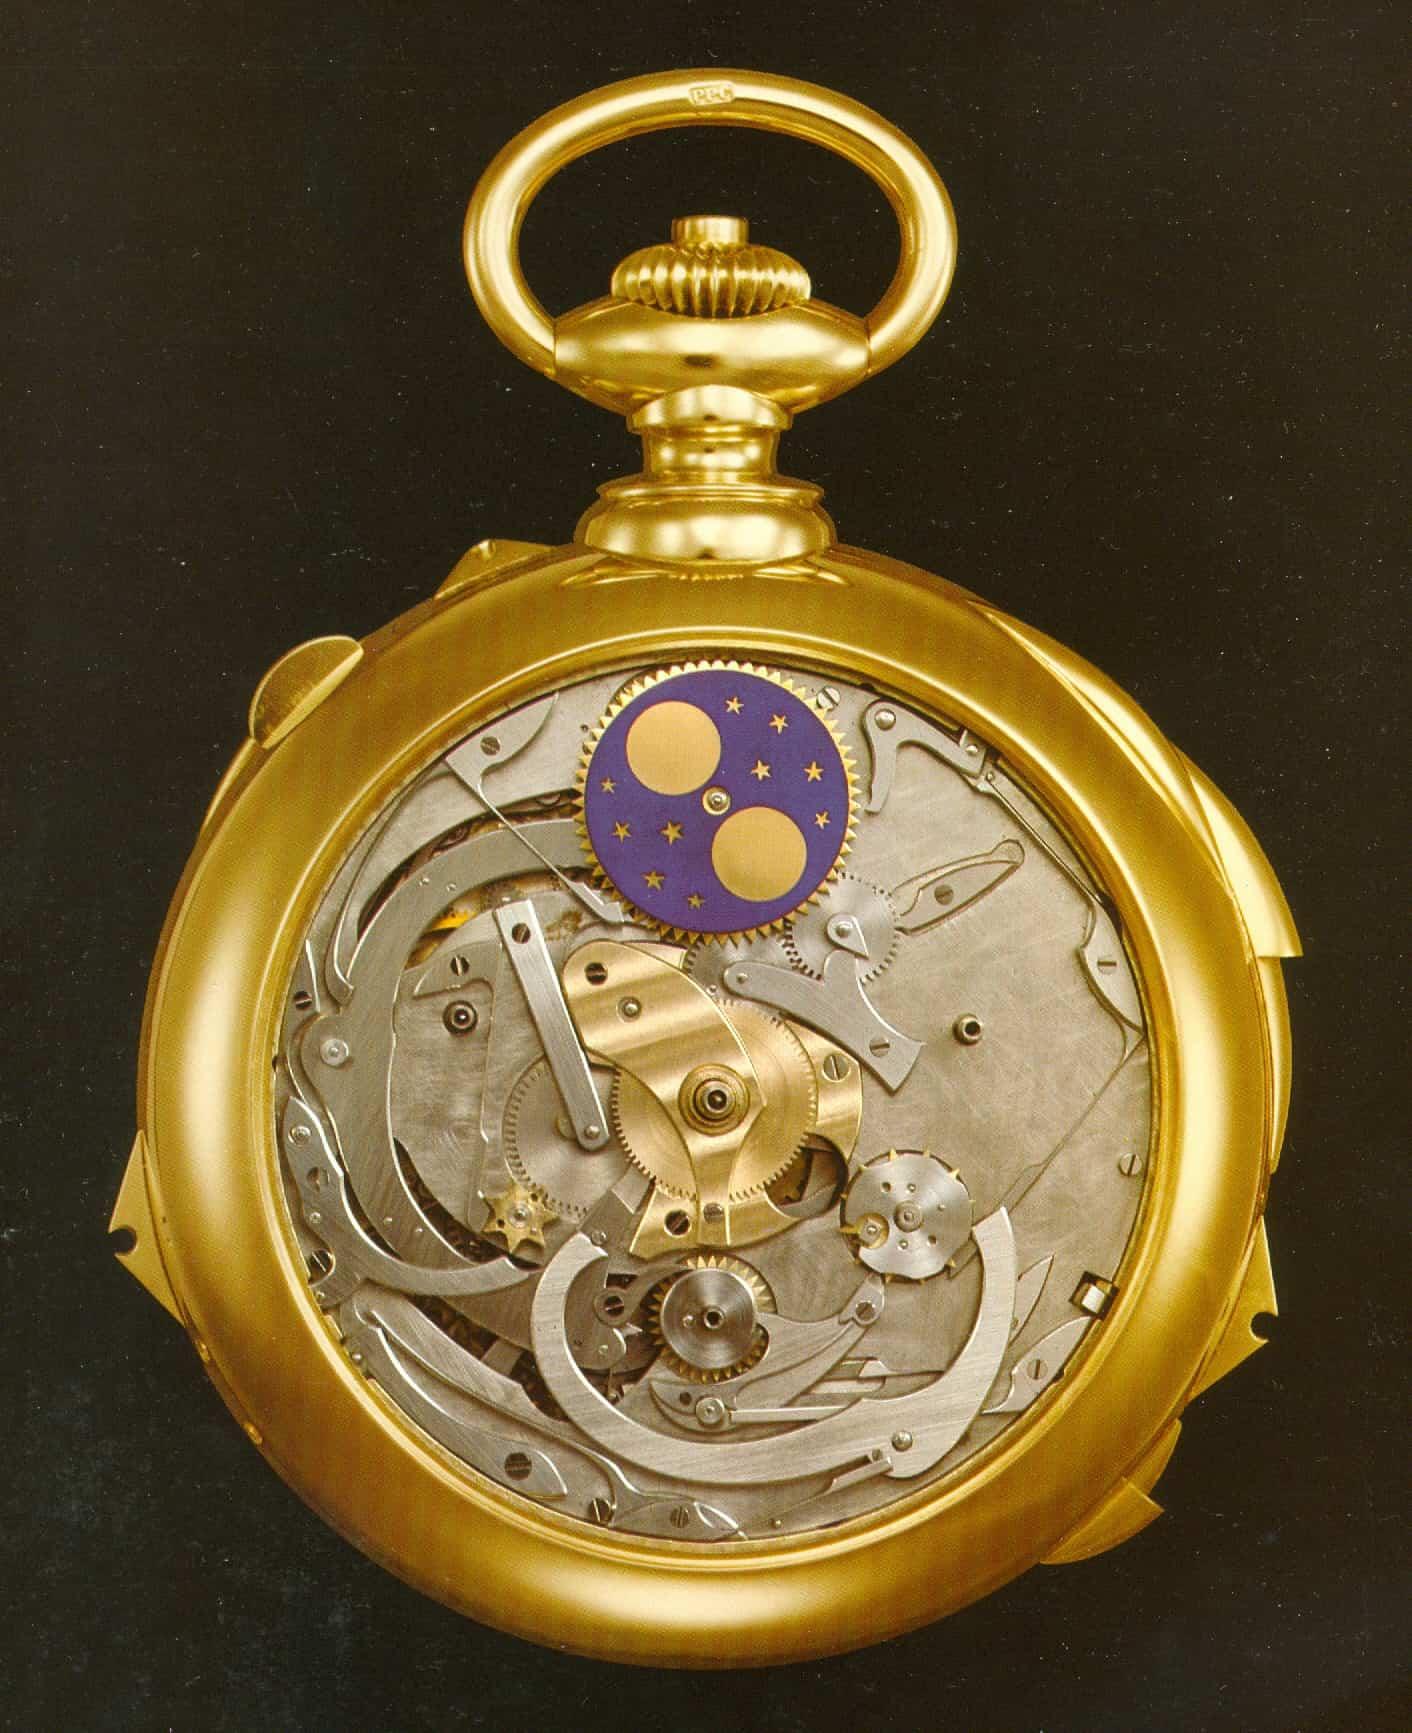 Unter dem Zifferblatt erkennt man das komplizierte Uhrwerk der Henry Graves Jun. Taschenuhr von Patek Philippe